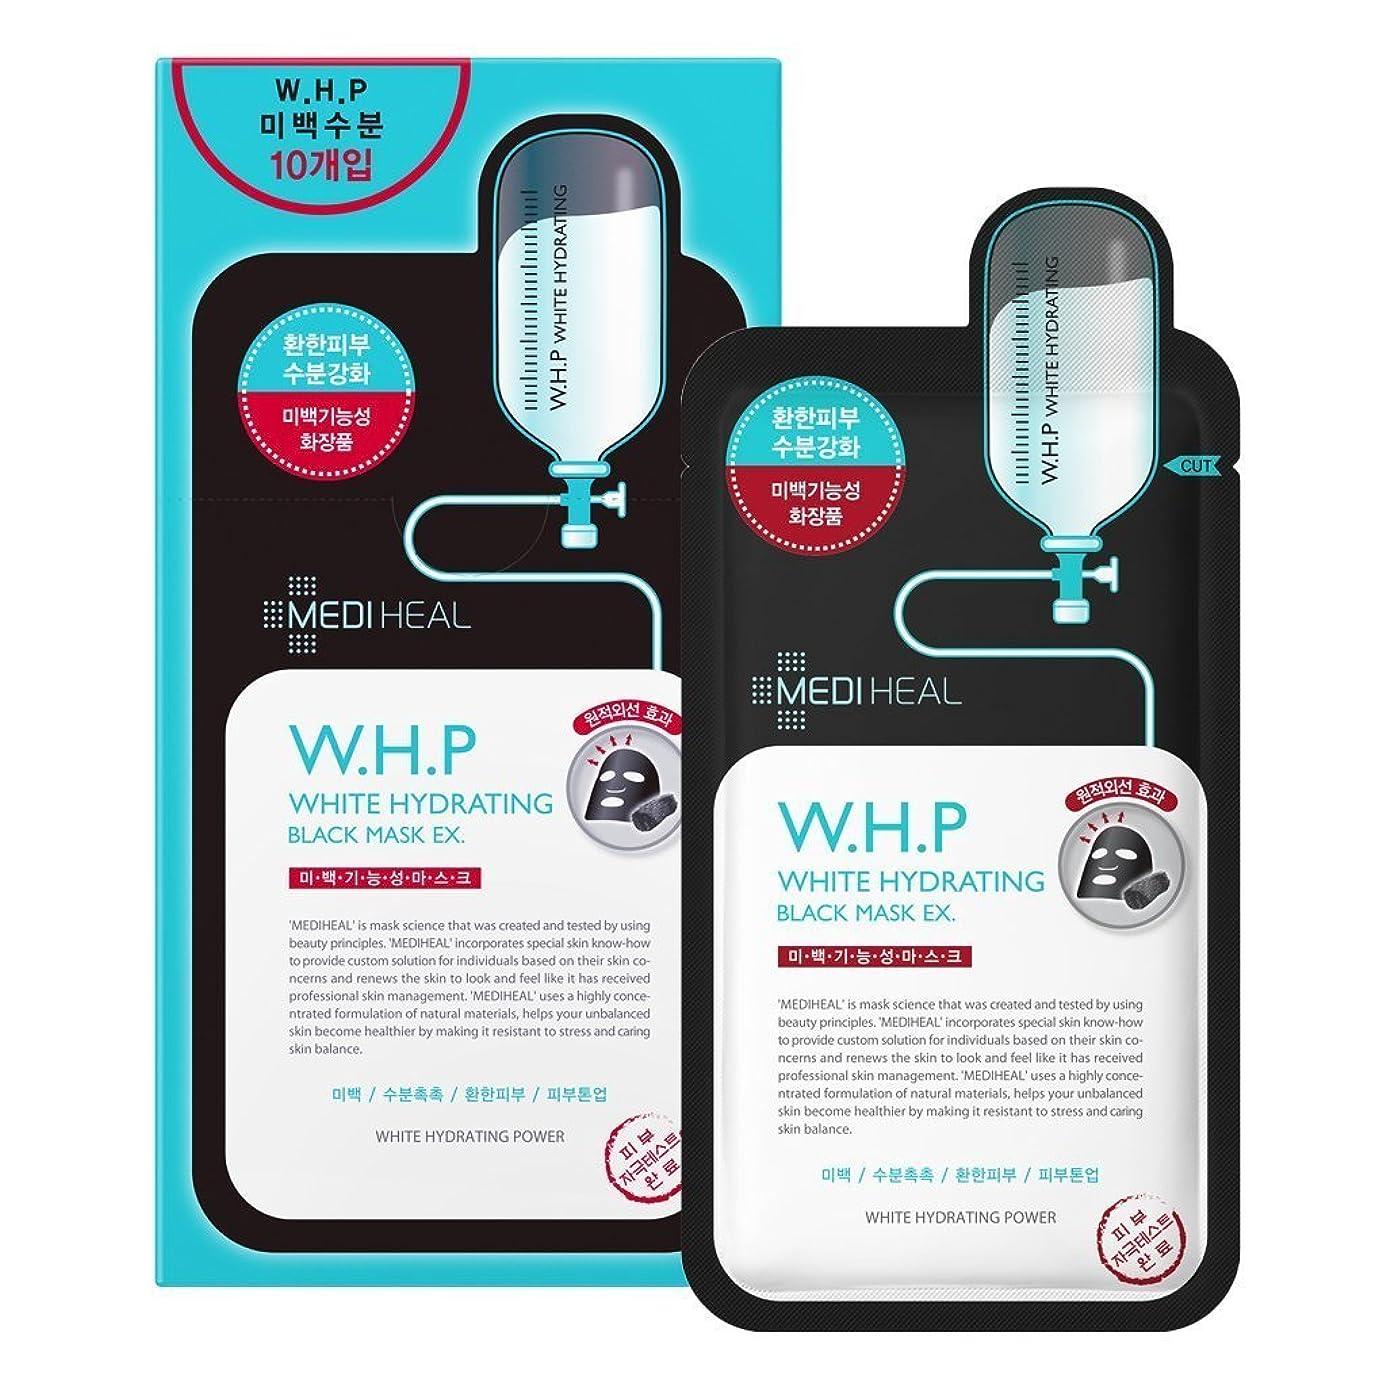 専制船酔い無条件Mediheal WHP ホワイト ハイドレイティング ブラック マスク EX 25mL x10枚 [並行輸入品]